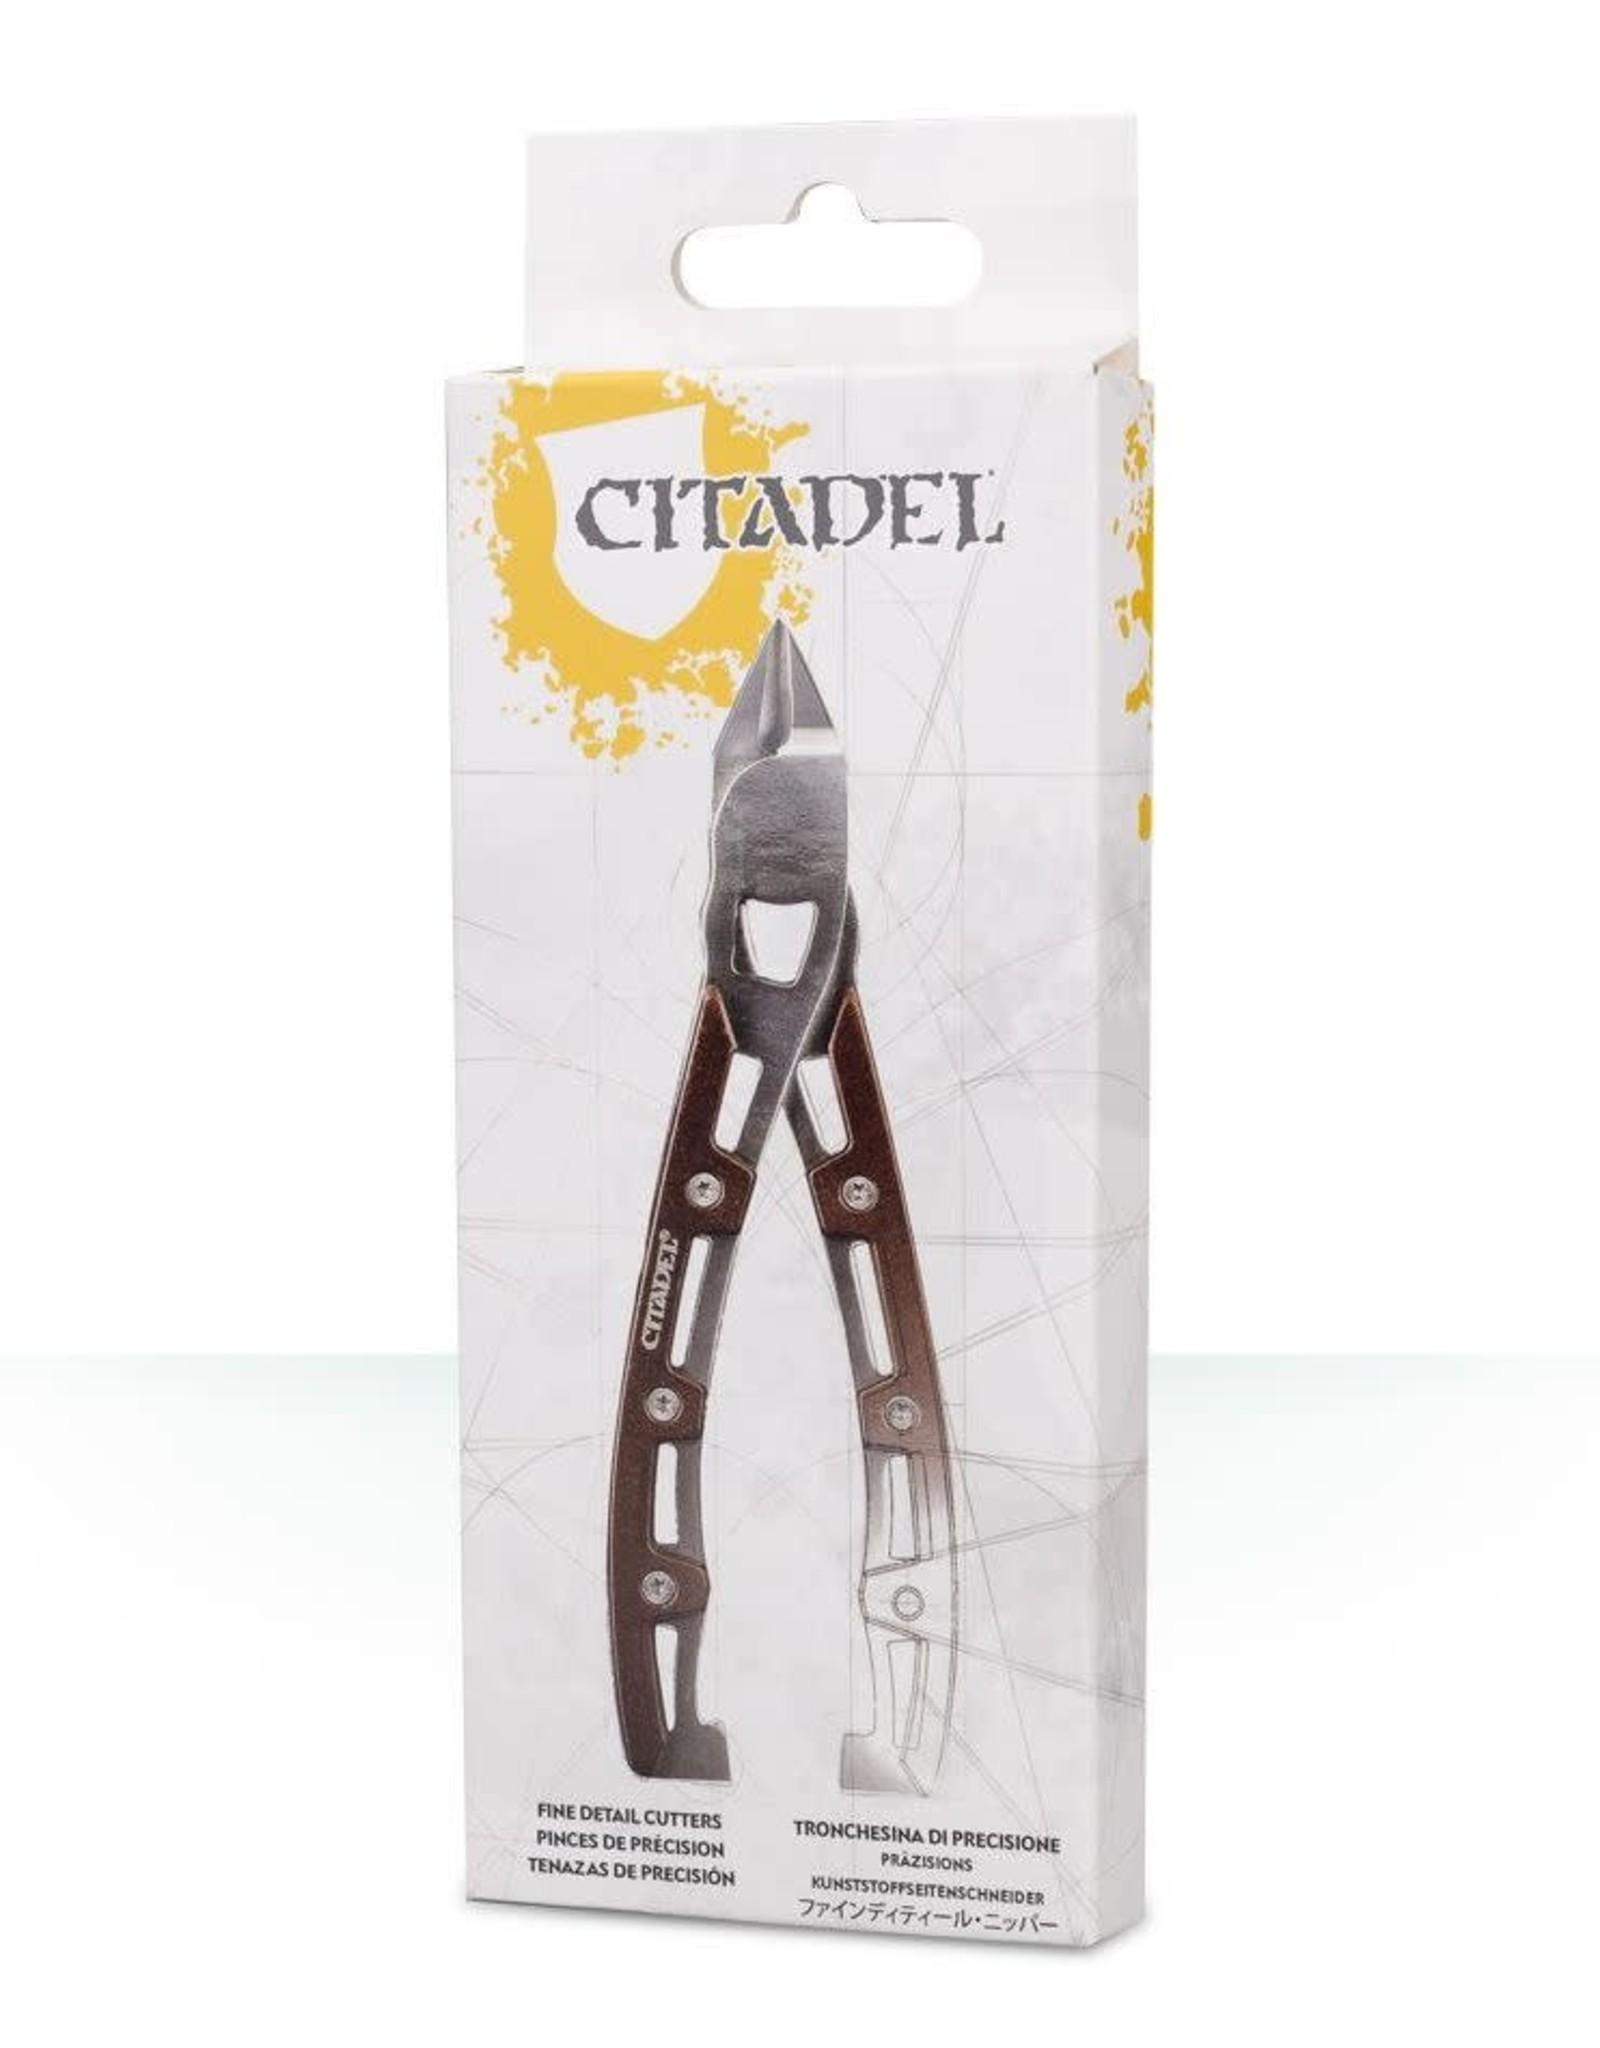 Games Workshop Citadel: Fine Detail Cutters